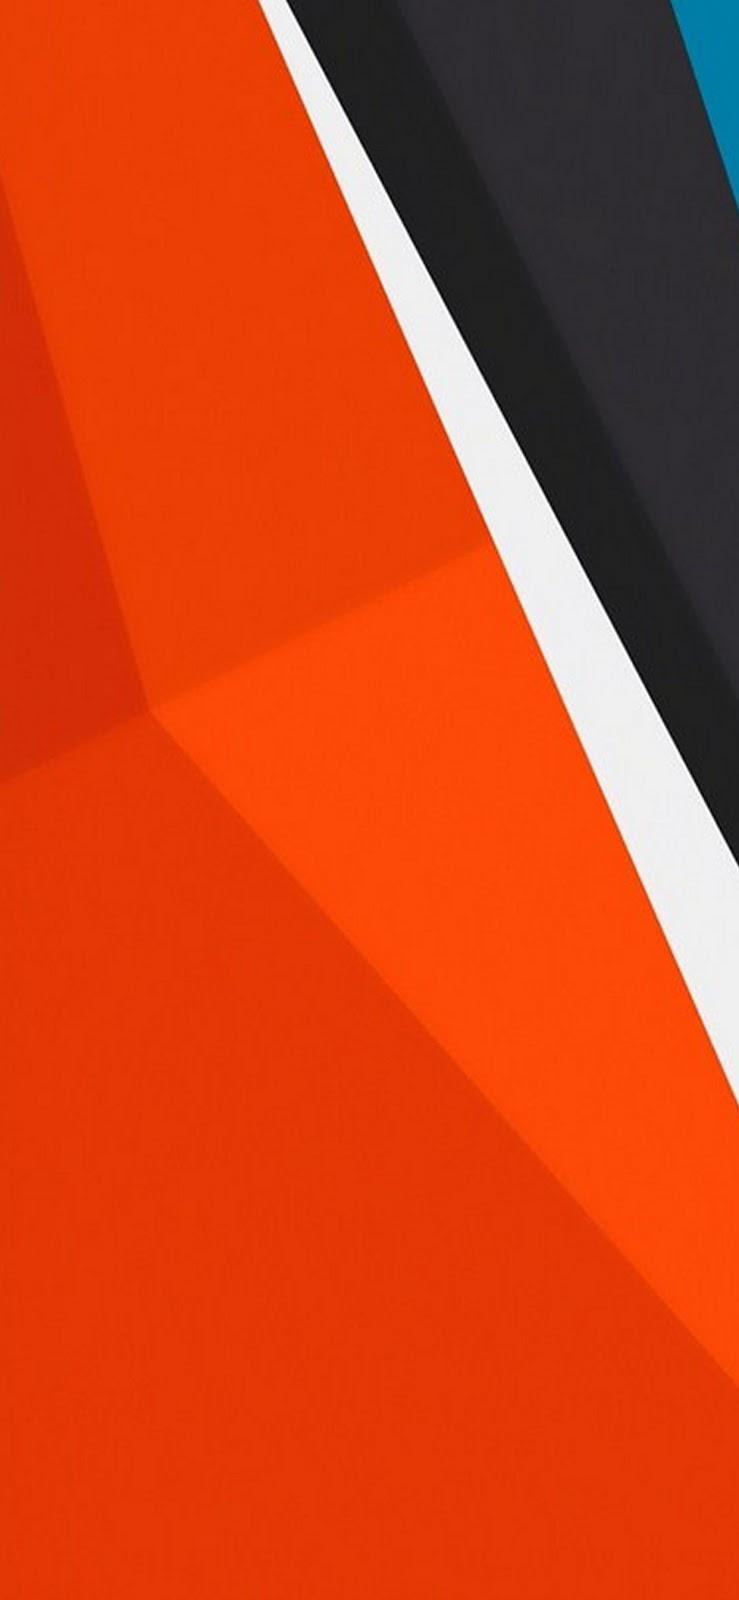 wallpaper iphone xs, texture, colori, strisce colorate, astratto